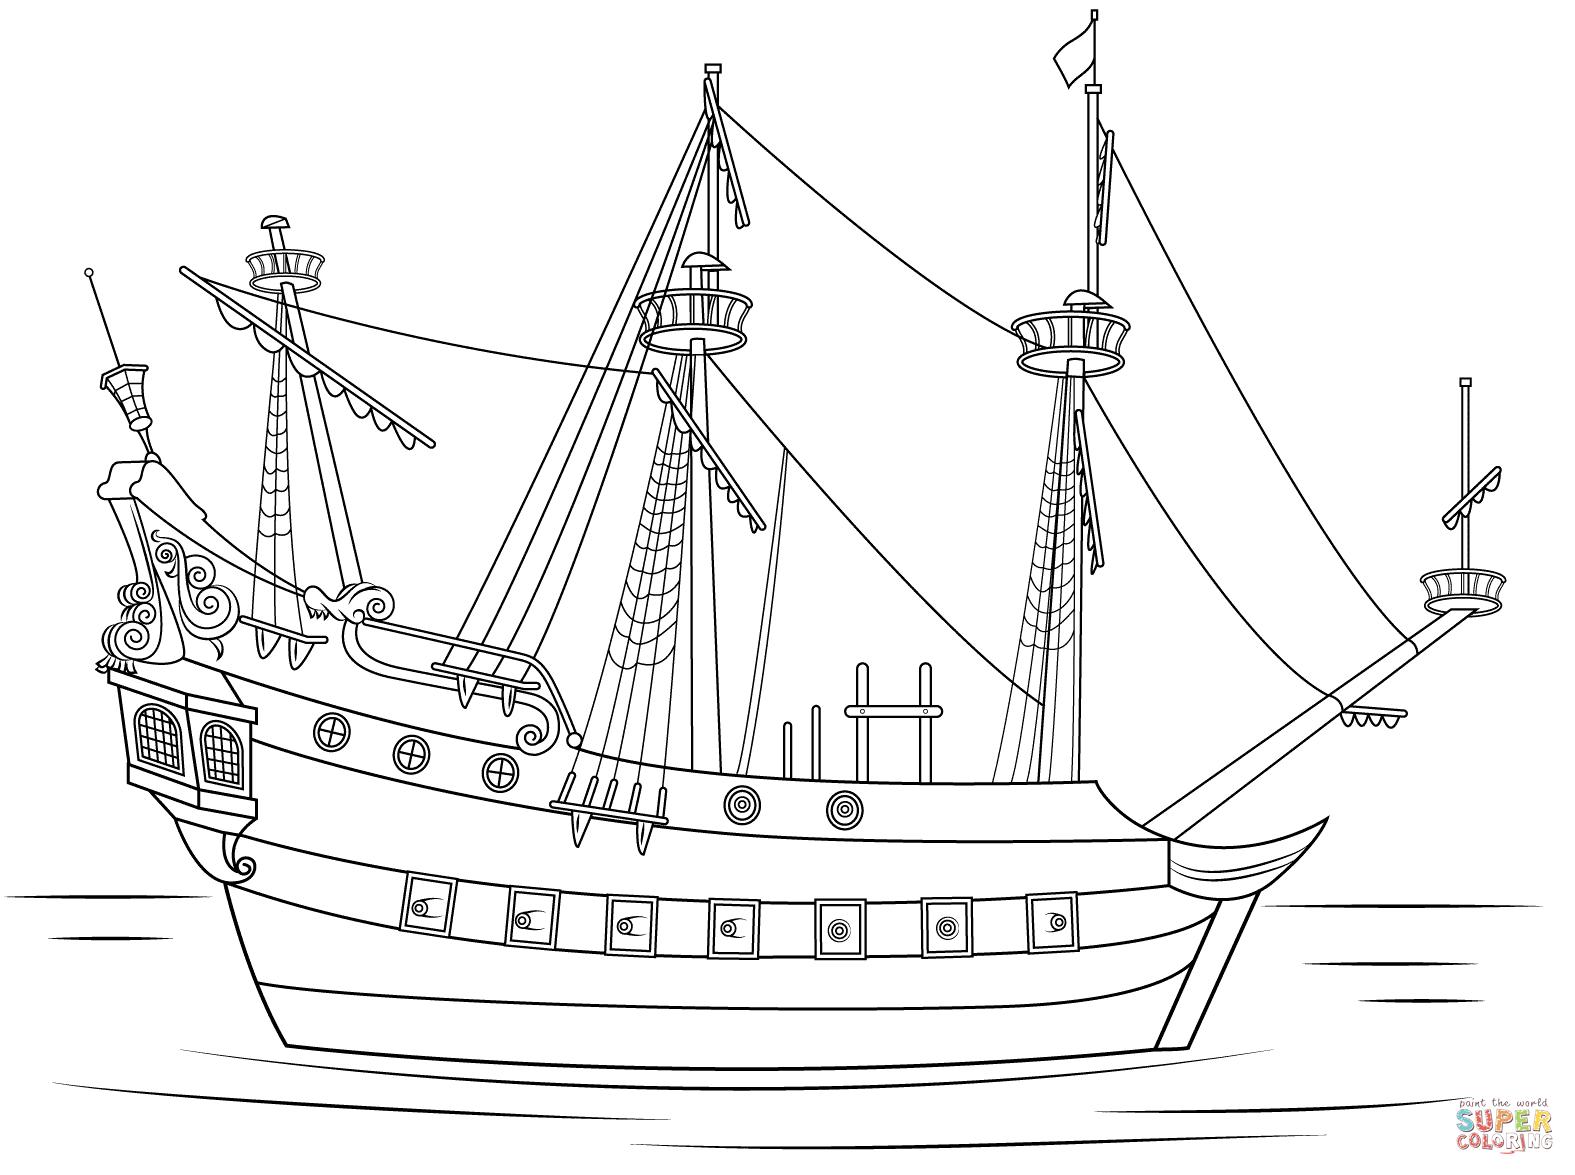 Kleurplaat Vrachtschip • Kidkleurplaat.nl